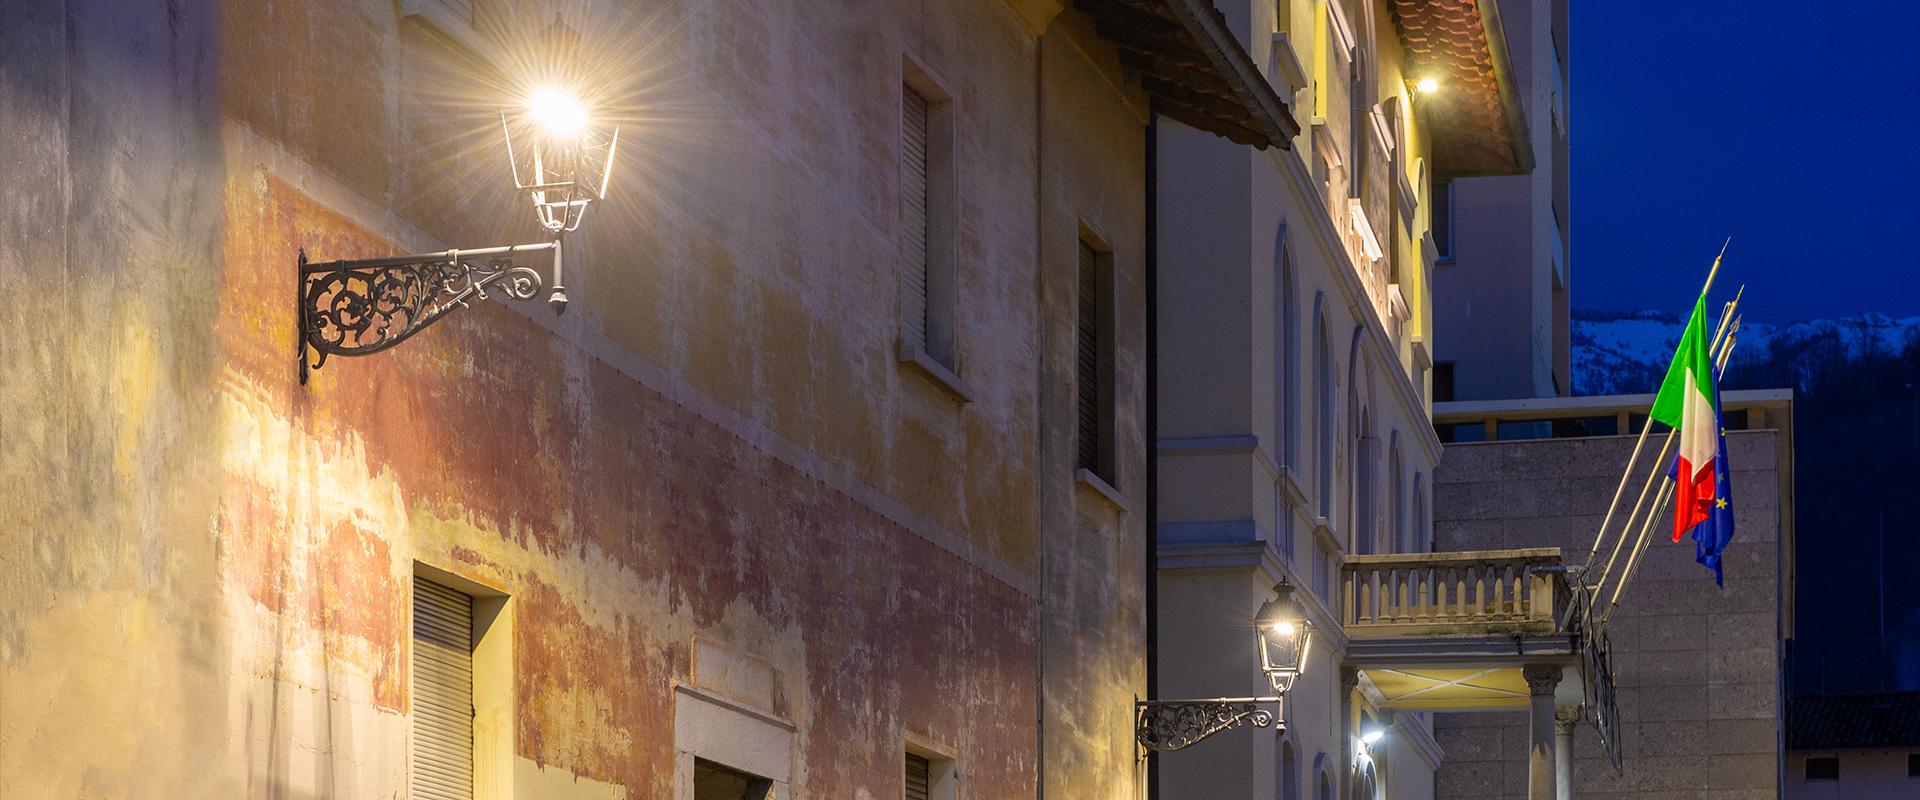 Lanterna led per illuminazione pubblica